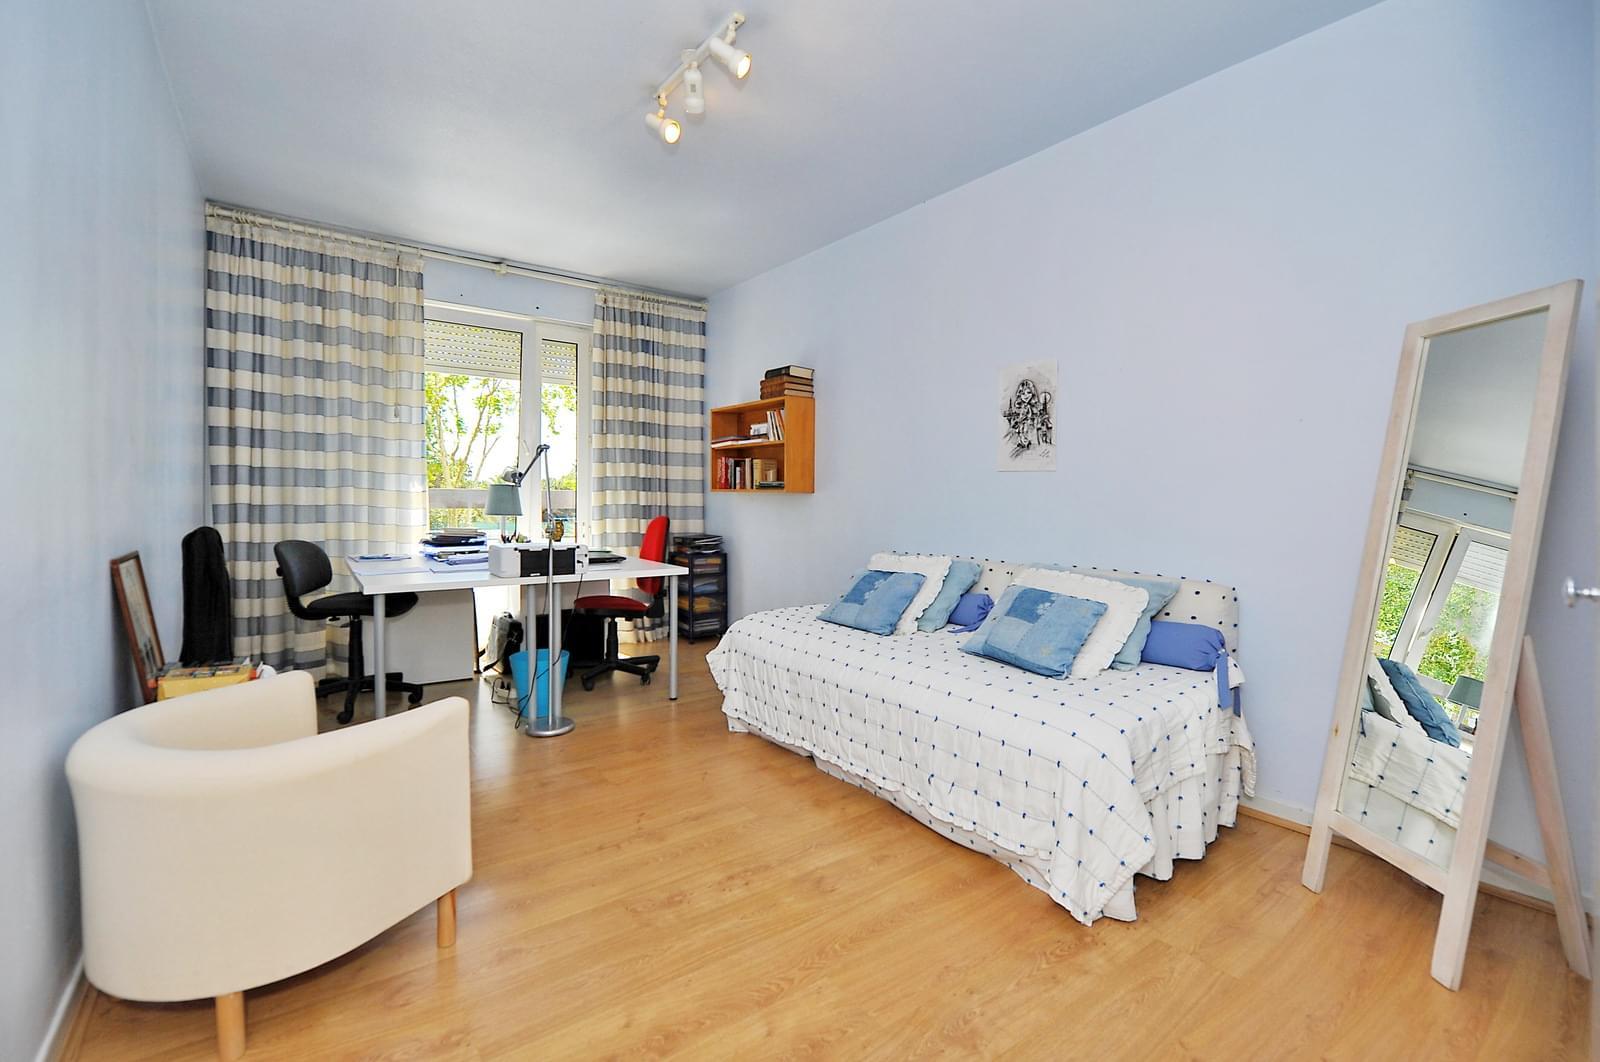 pf17071-apartamento-t4-oeiras-1751d049-c2a7-4987-a750-bd7b12ac6389